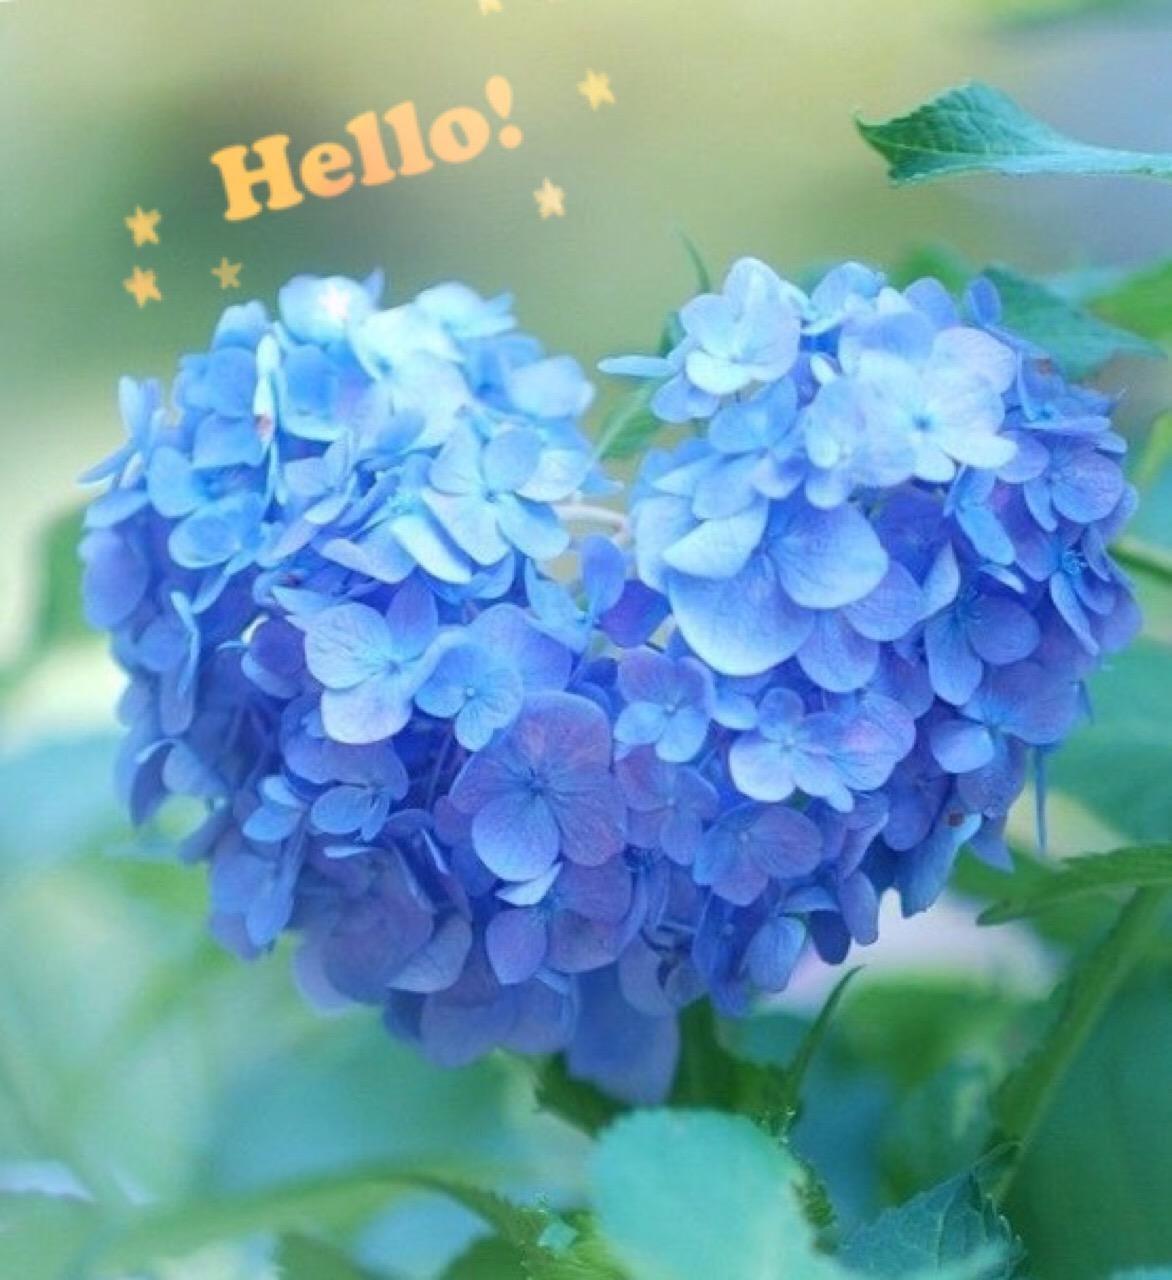 「昨日はー…」06/11(月) 16:53 | 小渕夫人の写メ・風俗動画